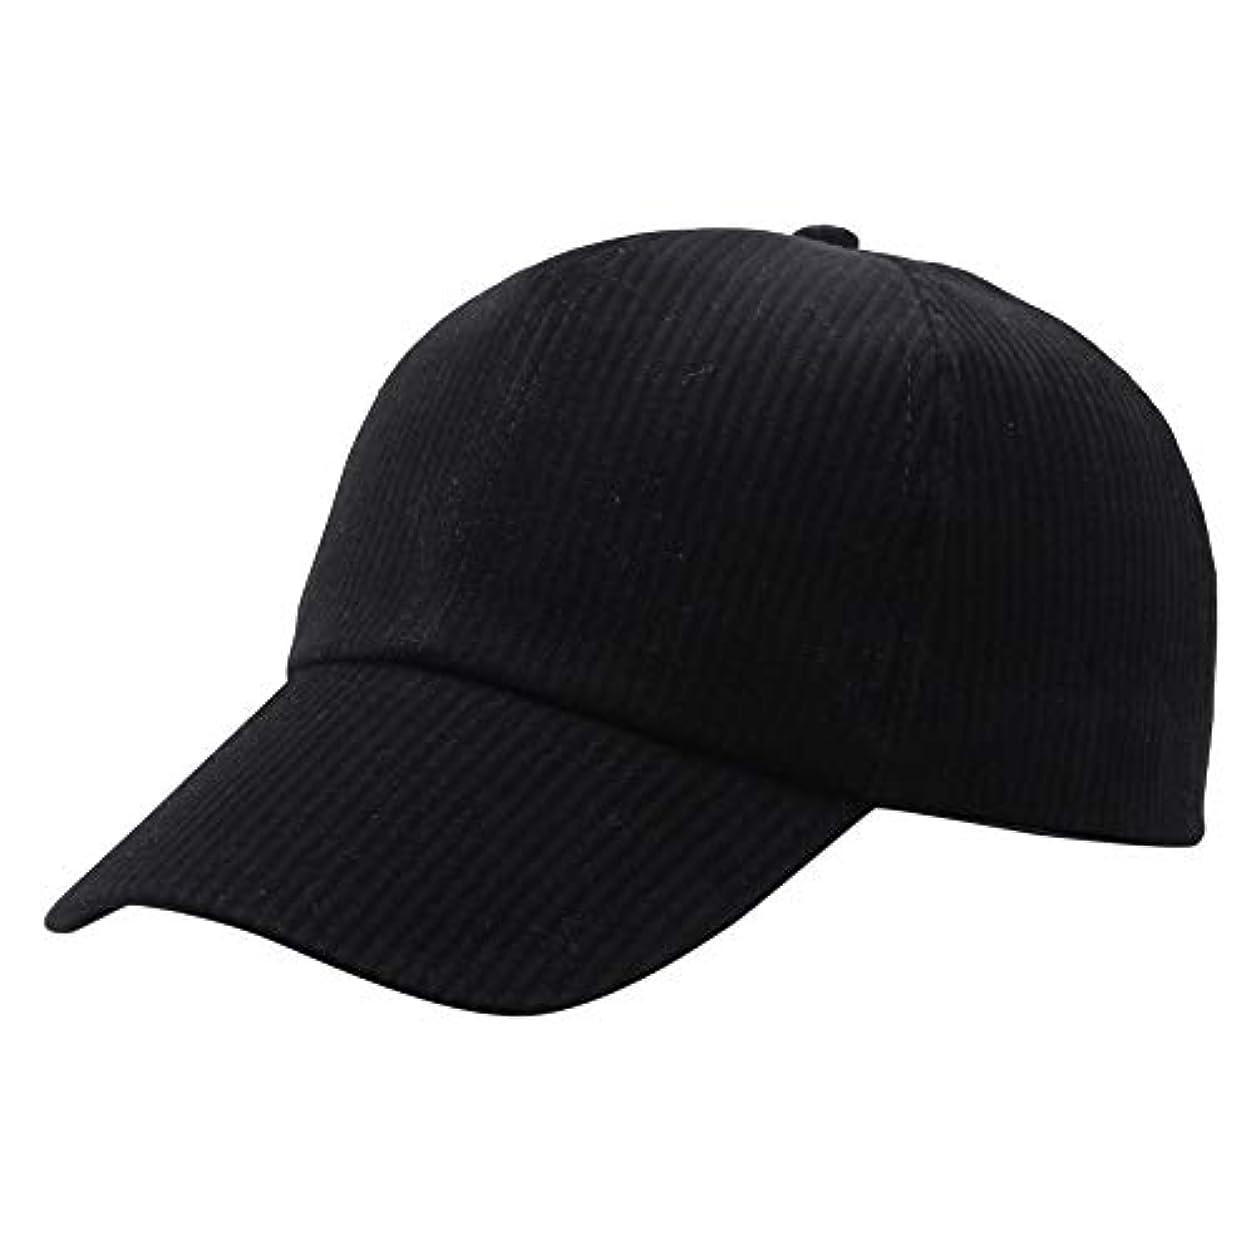 ラオス人変色する優先Racazing Cap コーデュロイ 野球帽 迷彩 夏 登山 通気性のある メッシュ 帽子 ベルクロ 可調整可能 ストライプ 刺繍 棒球帽 UV 帽子 軽量 屋外 Unisex Hat (B)